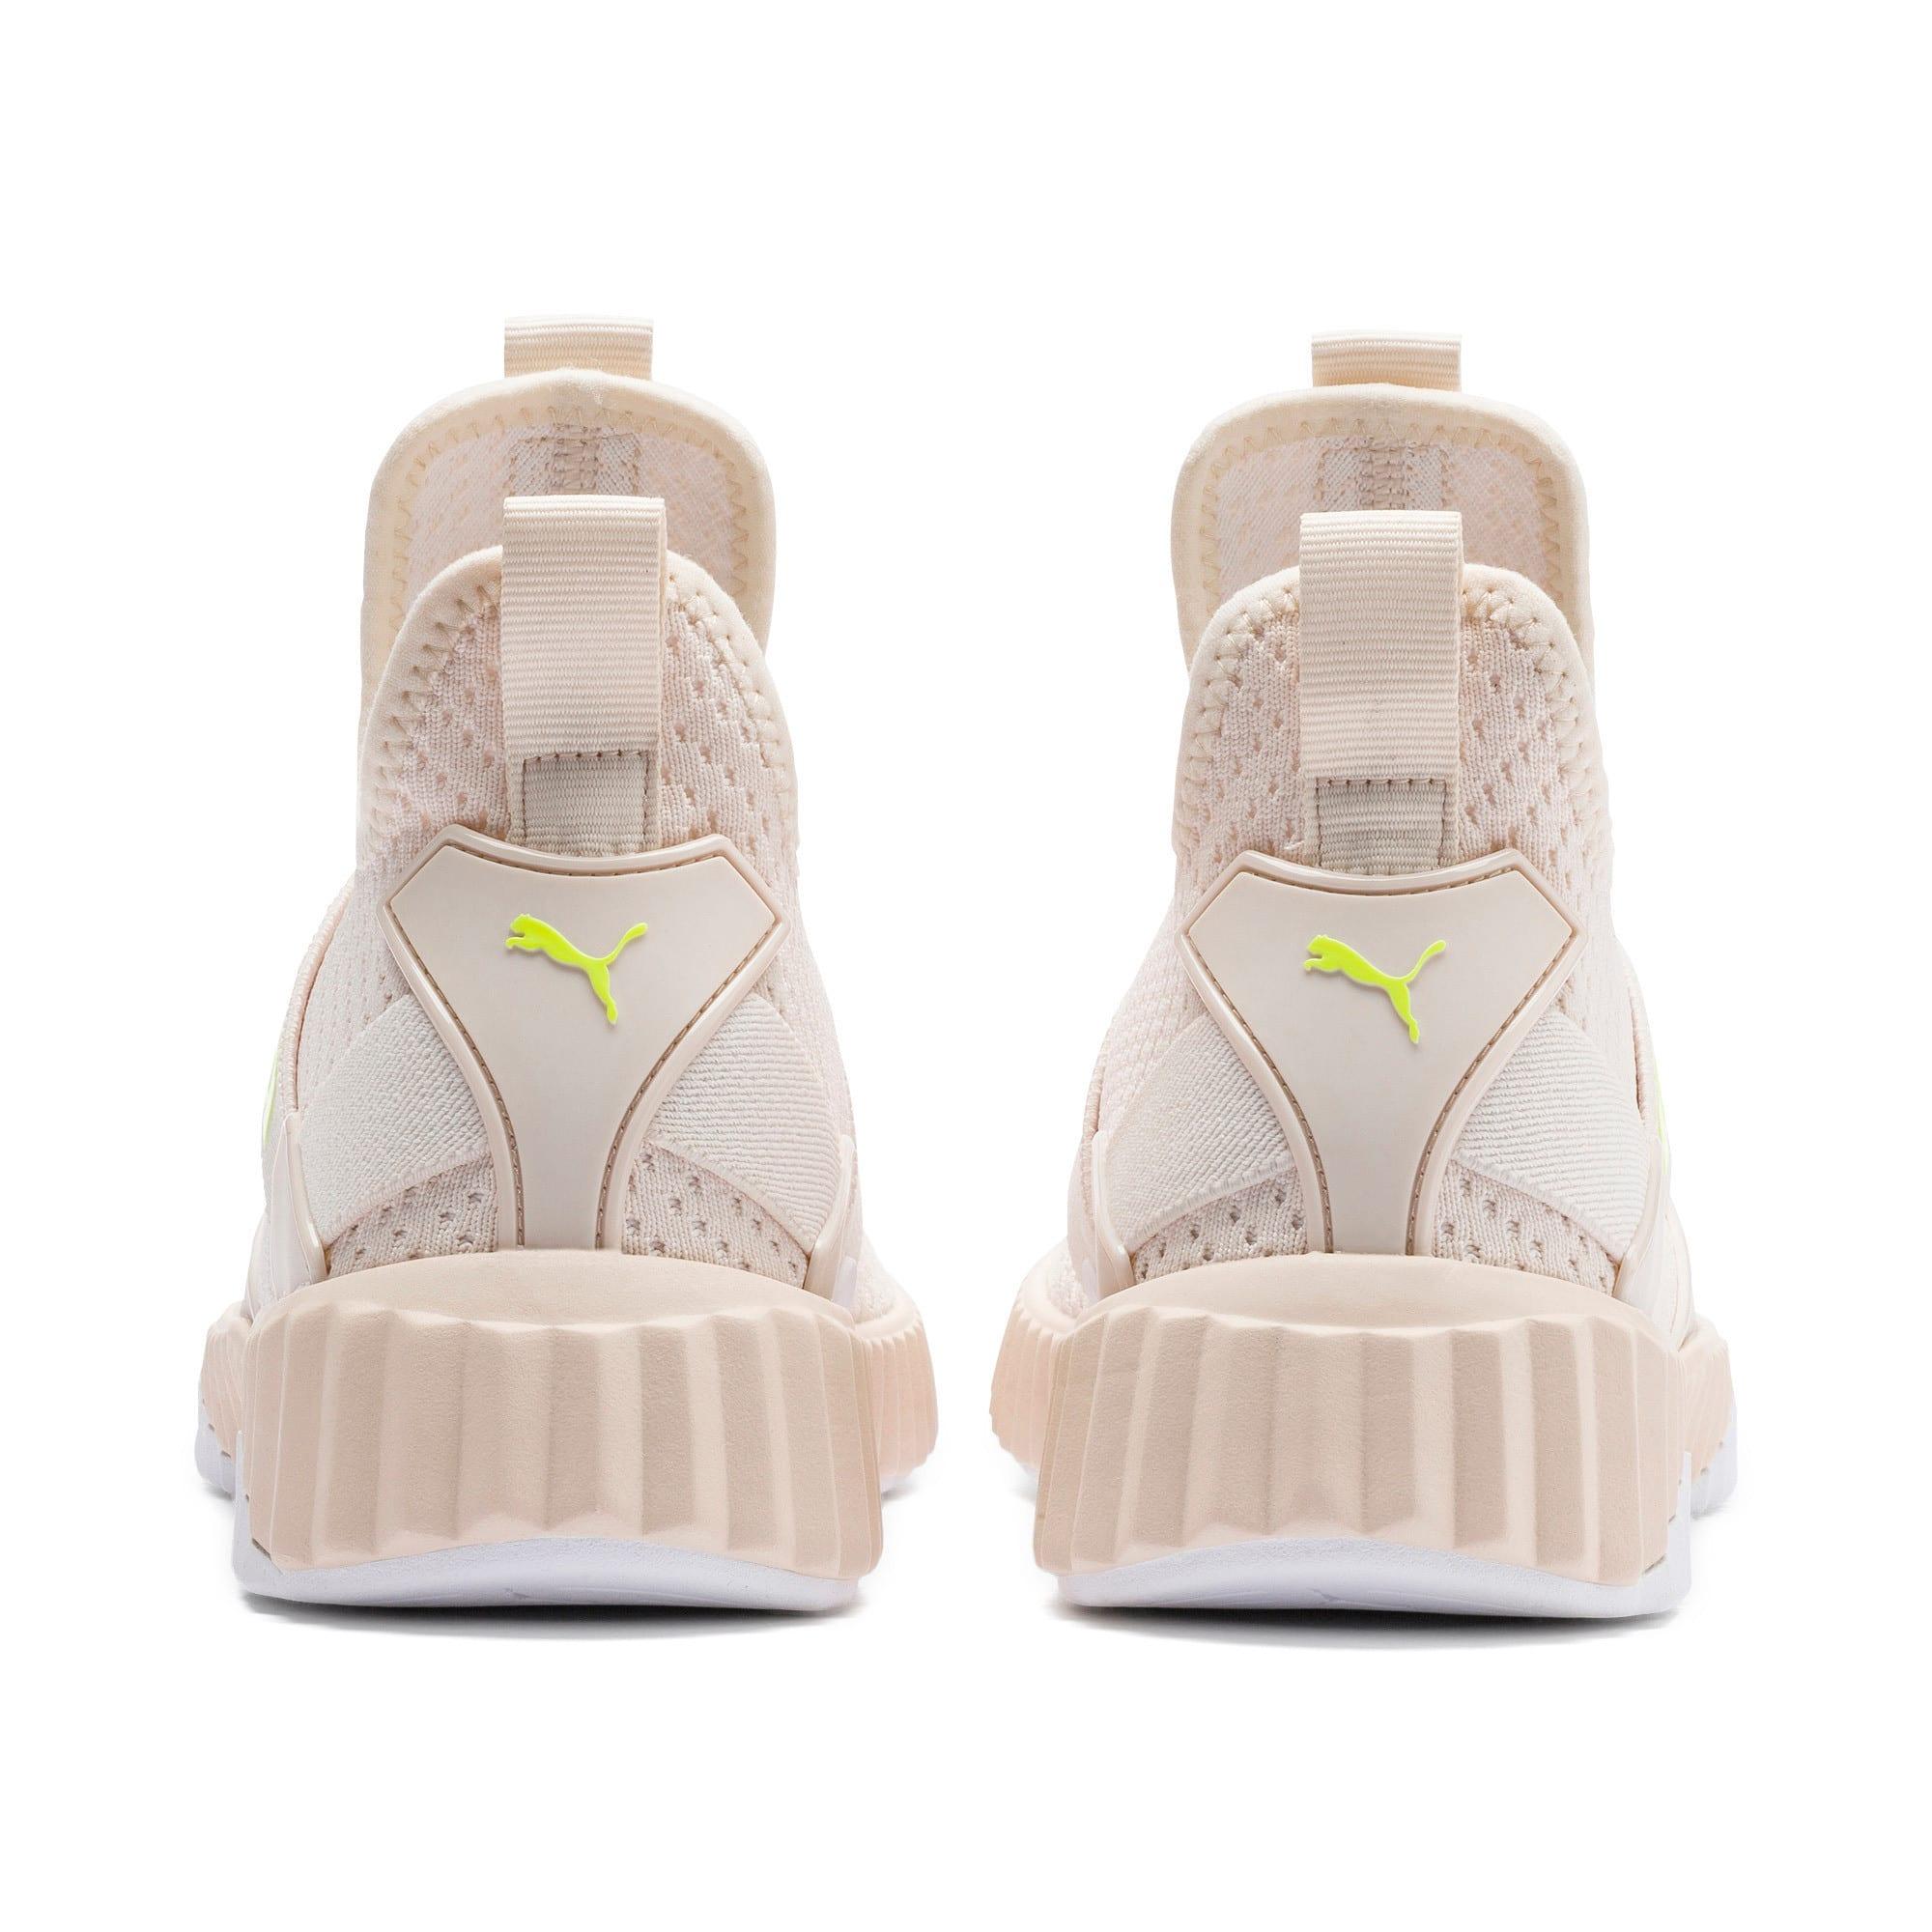 Thumbnail 4 of Defy Mid Core Women's Training Shoes, Pastel Parchment-Puma White, medium